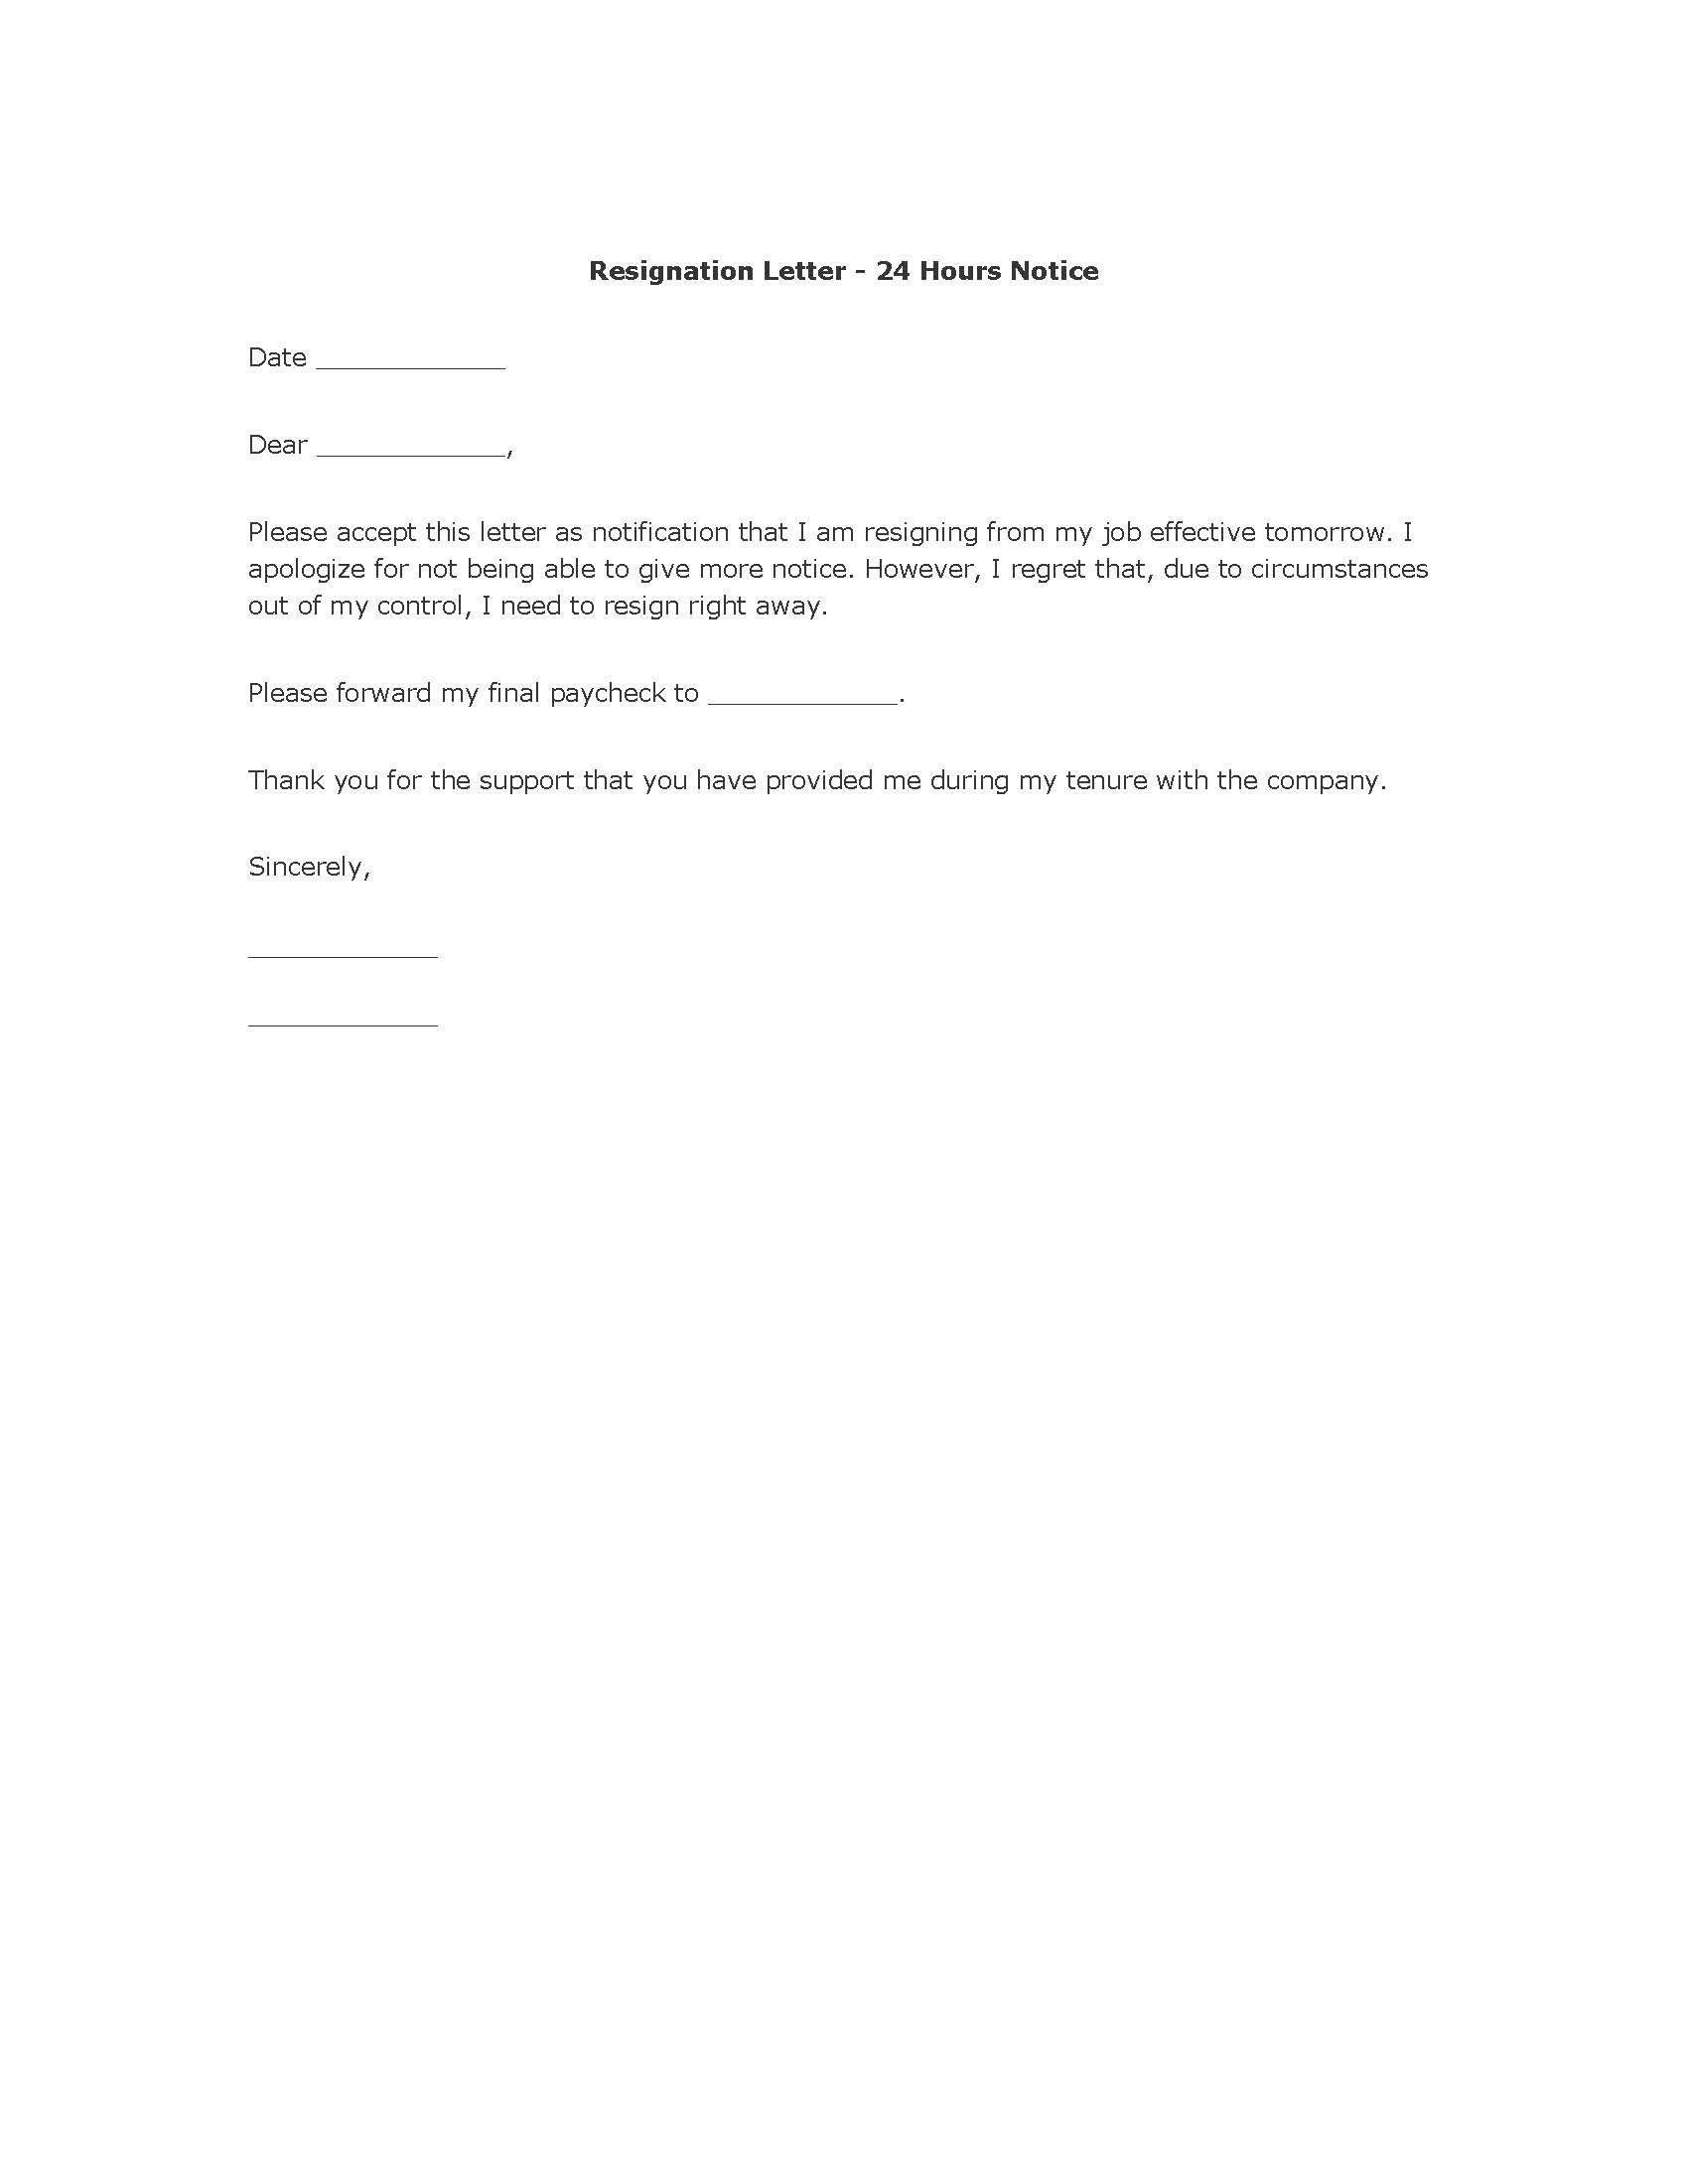 polite resignation letter format   Cover letter for resume ...